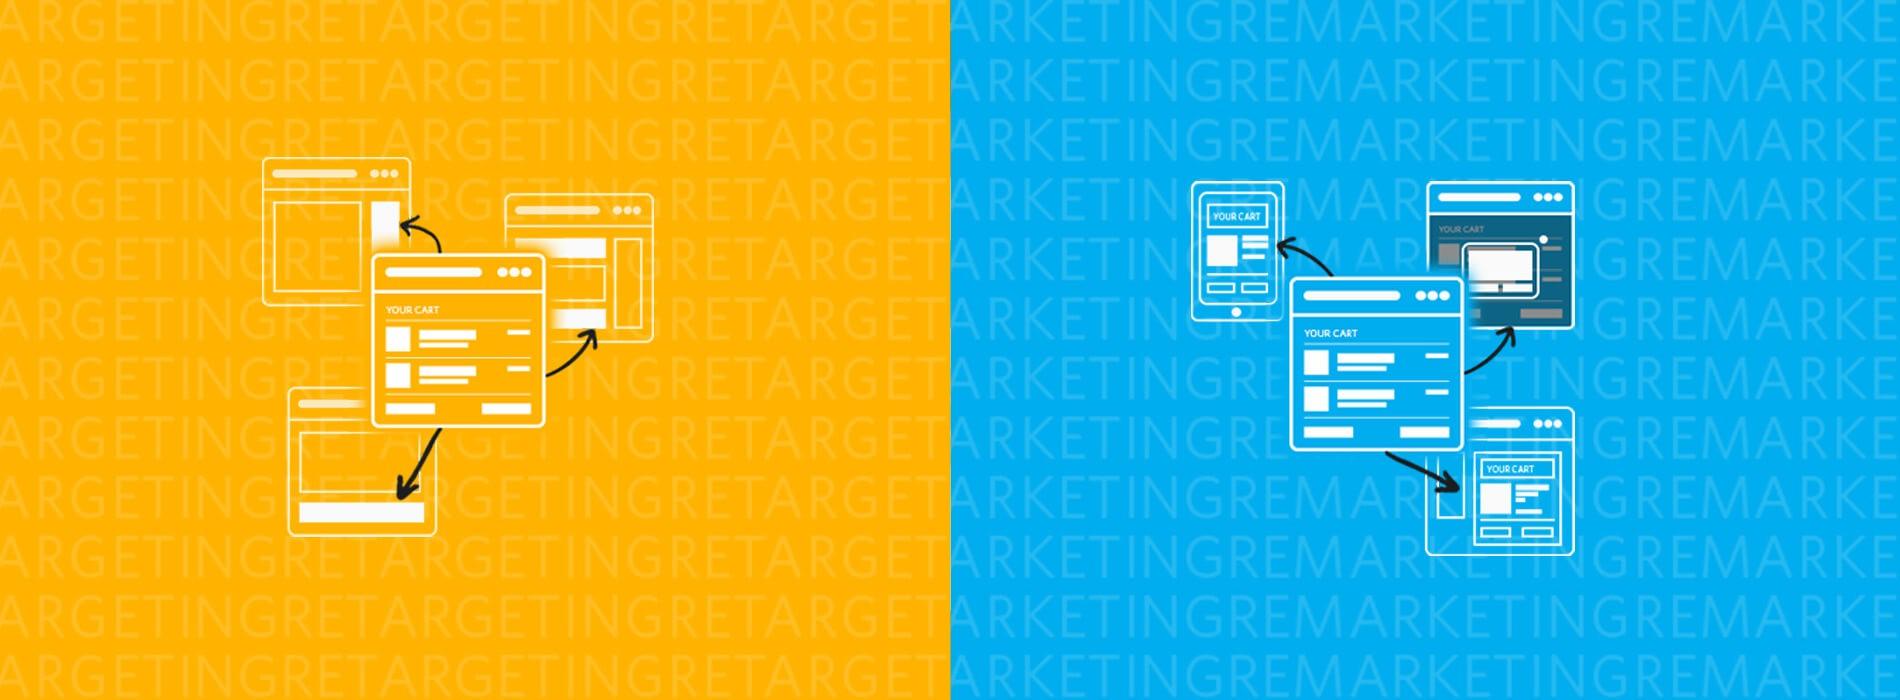 Você sabe a diferença entre remarketing e retargeting? Conheça o que essas duas técnicas têm de distintas e saiba como elas podem ajudar na sua empresa.